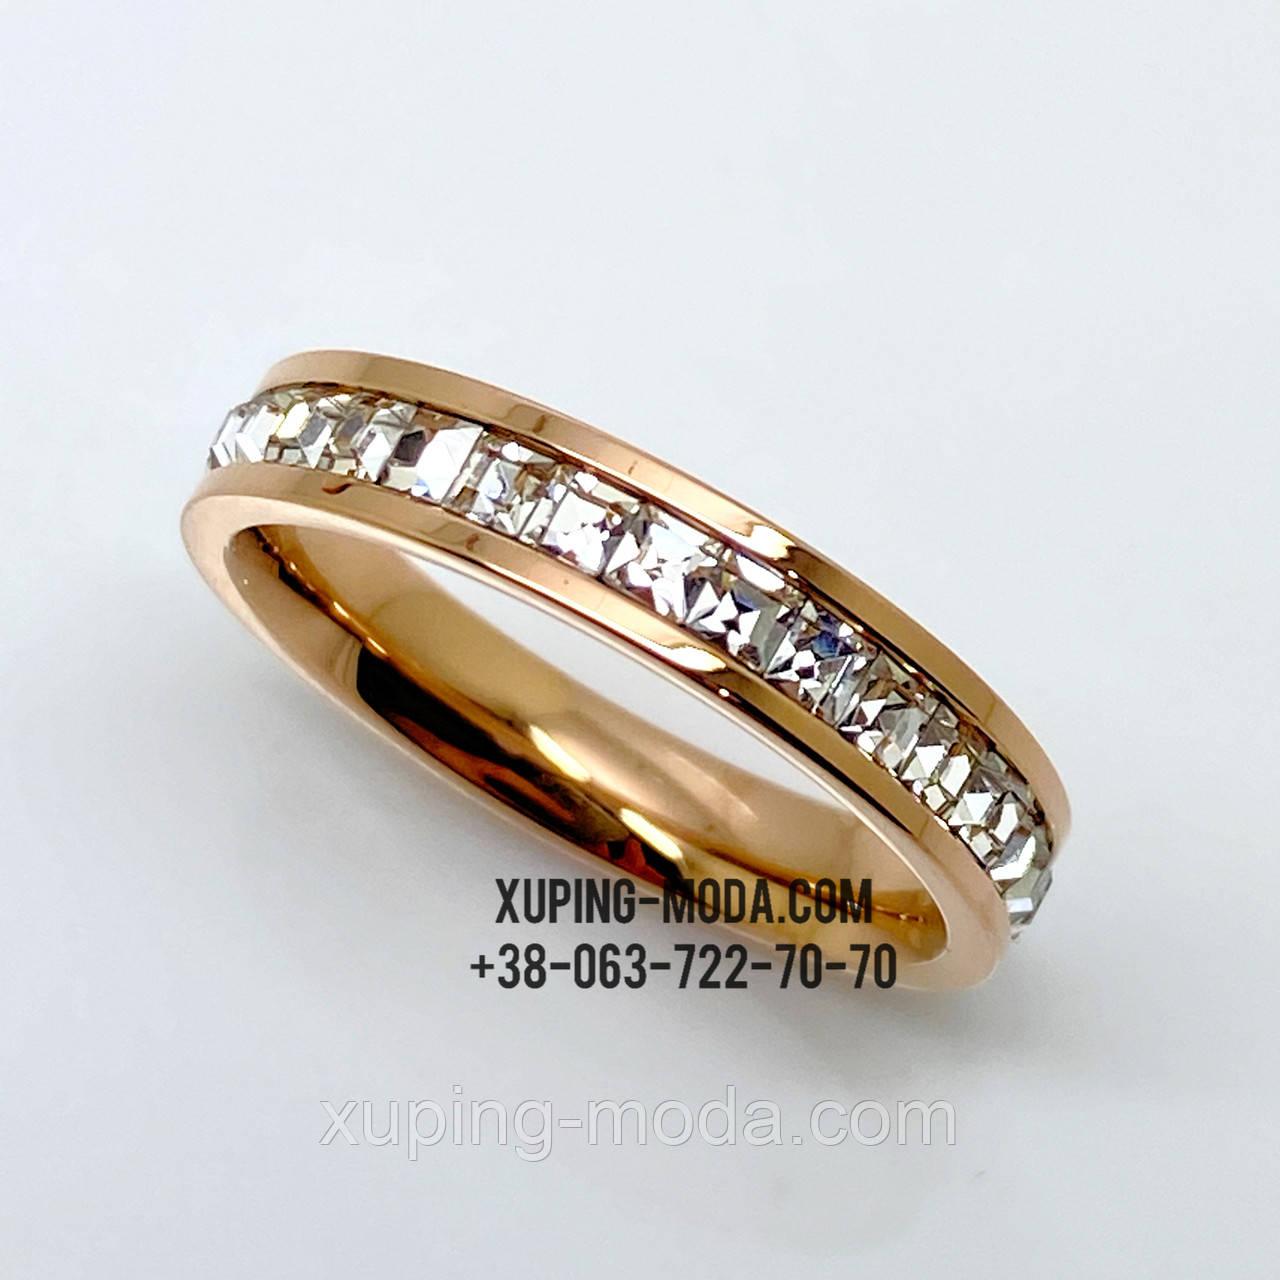 17 р. Модное кольцо